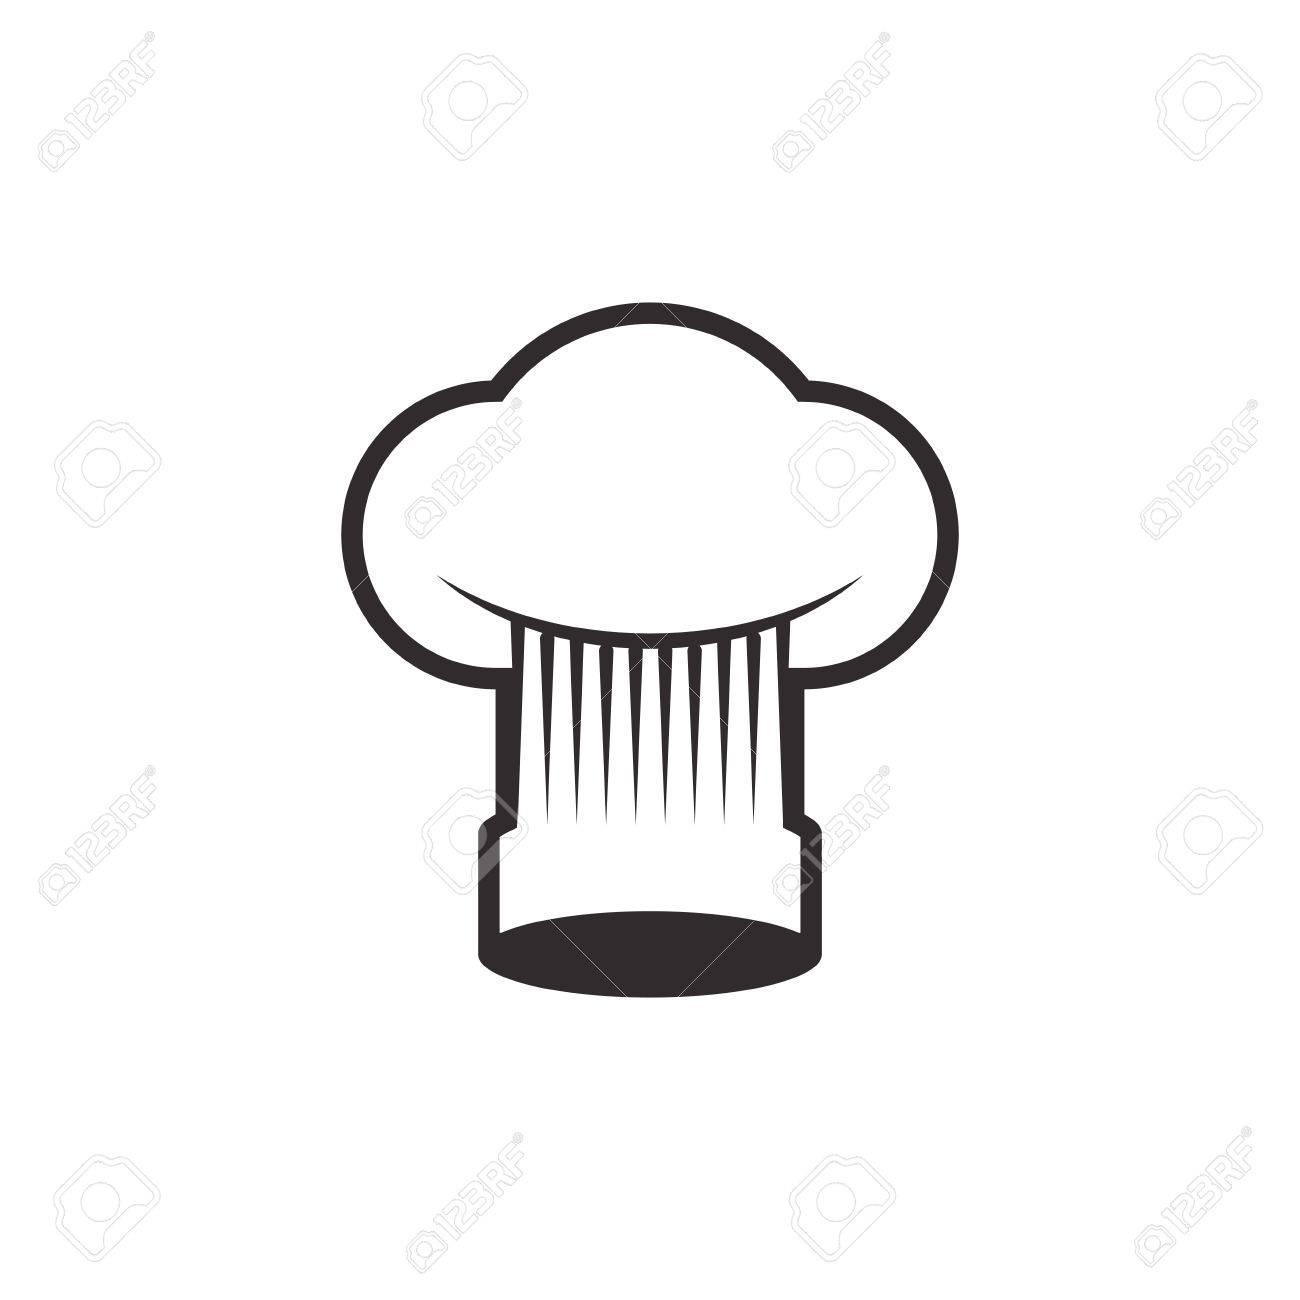 Chef Hat Toque Vecteur Icône Illustration Dessin